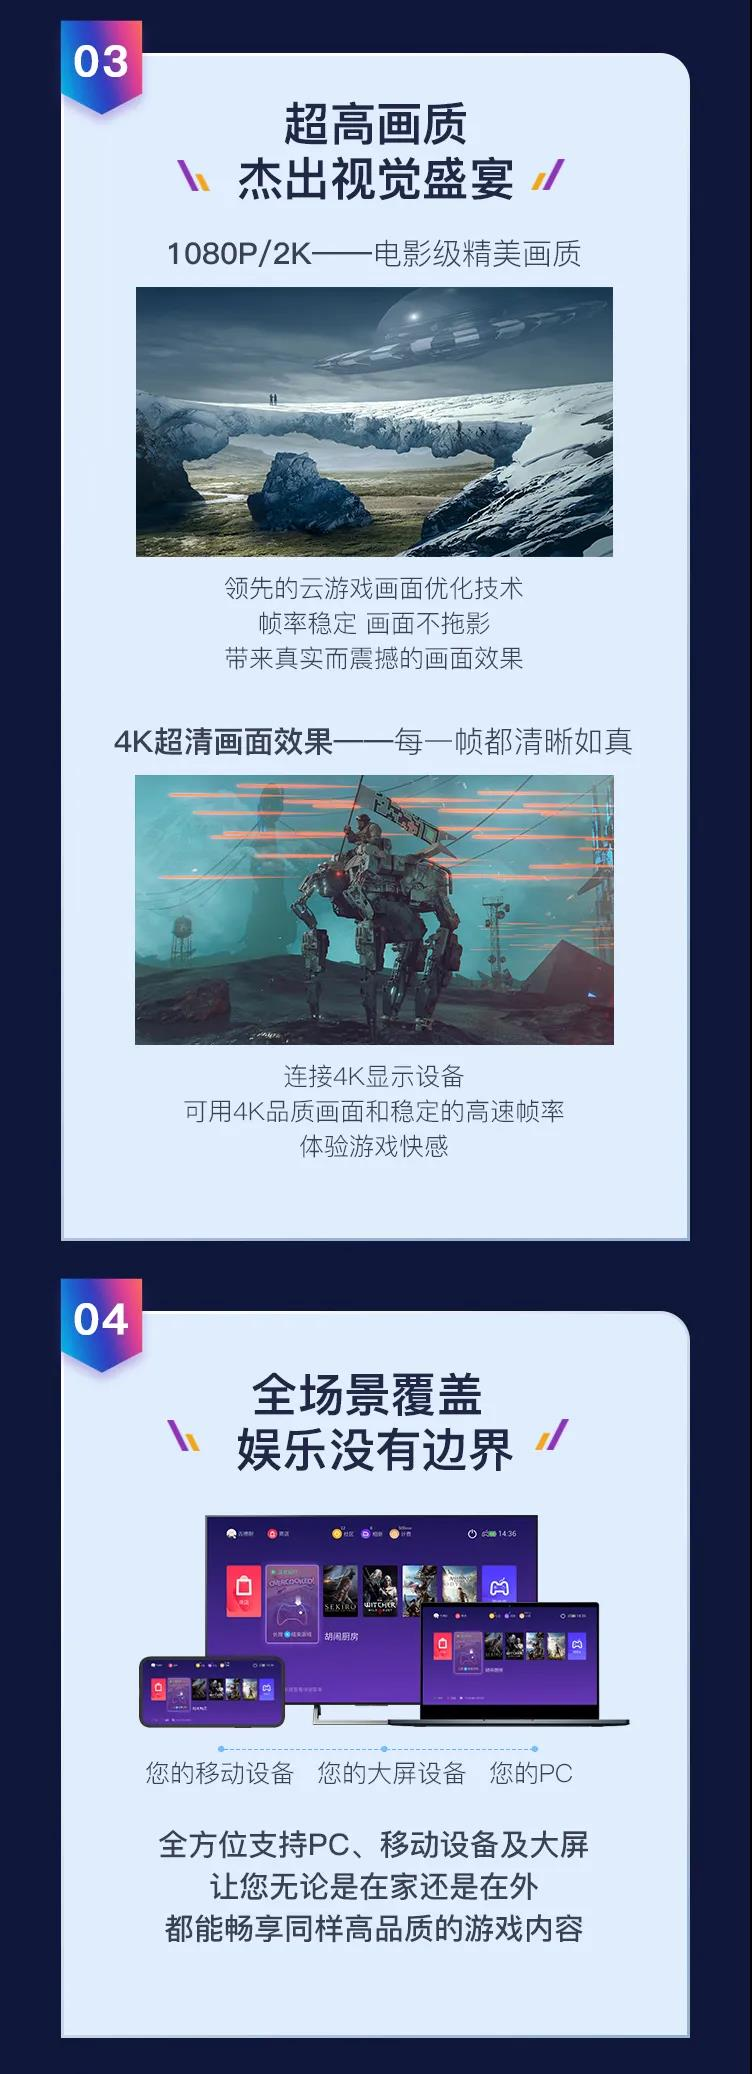 3.23顺网云玩新闻2.jpg